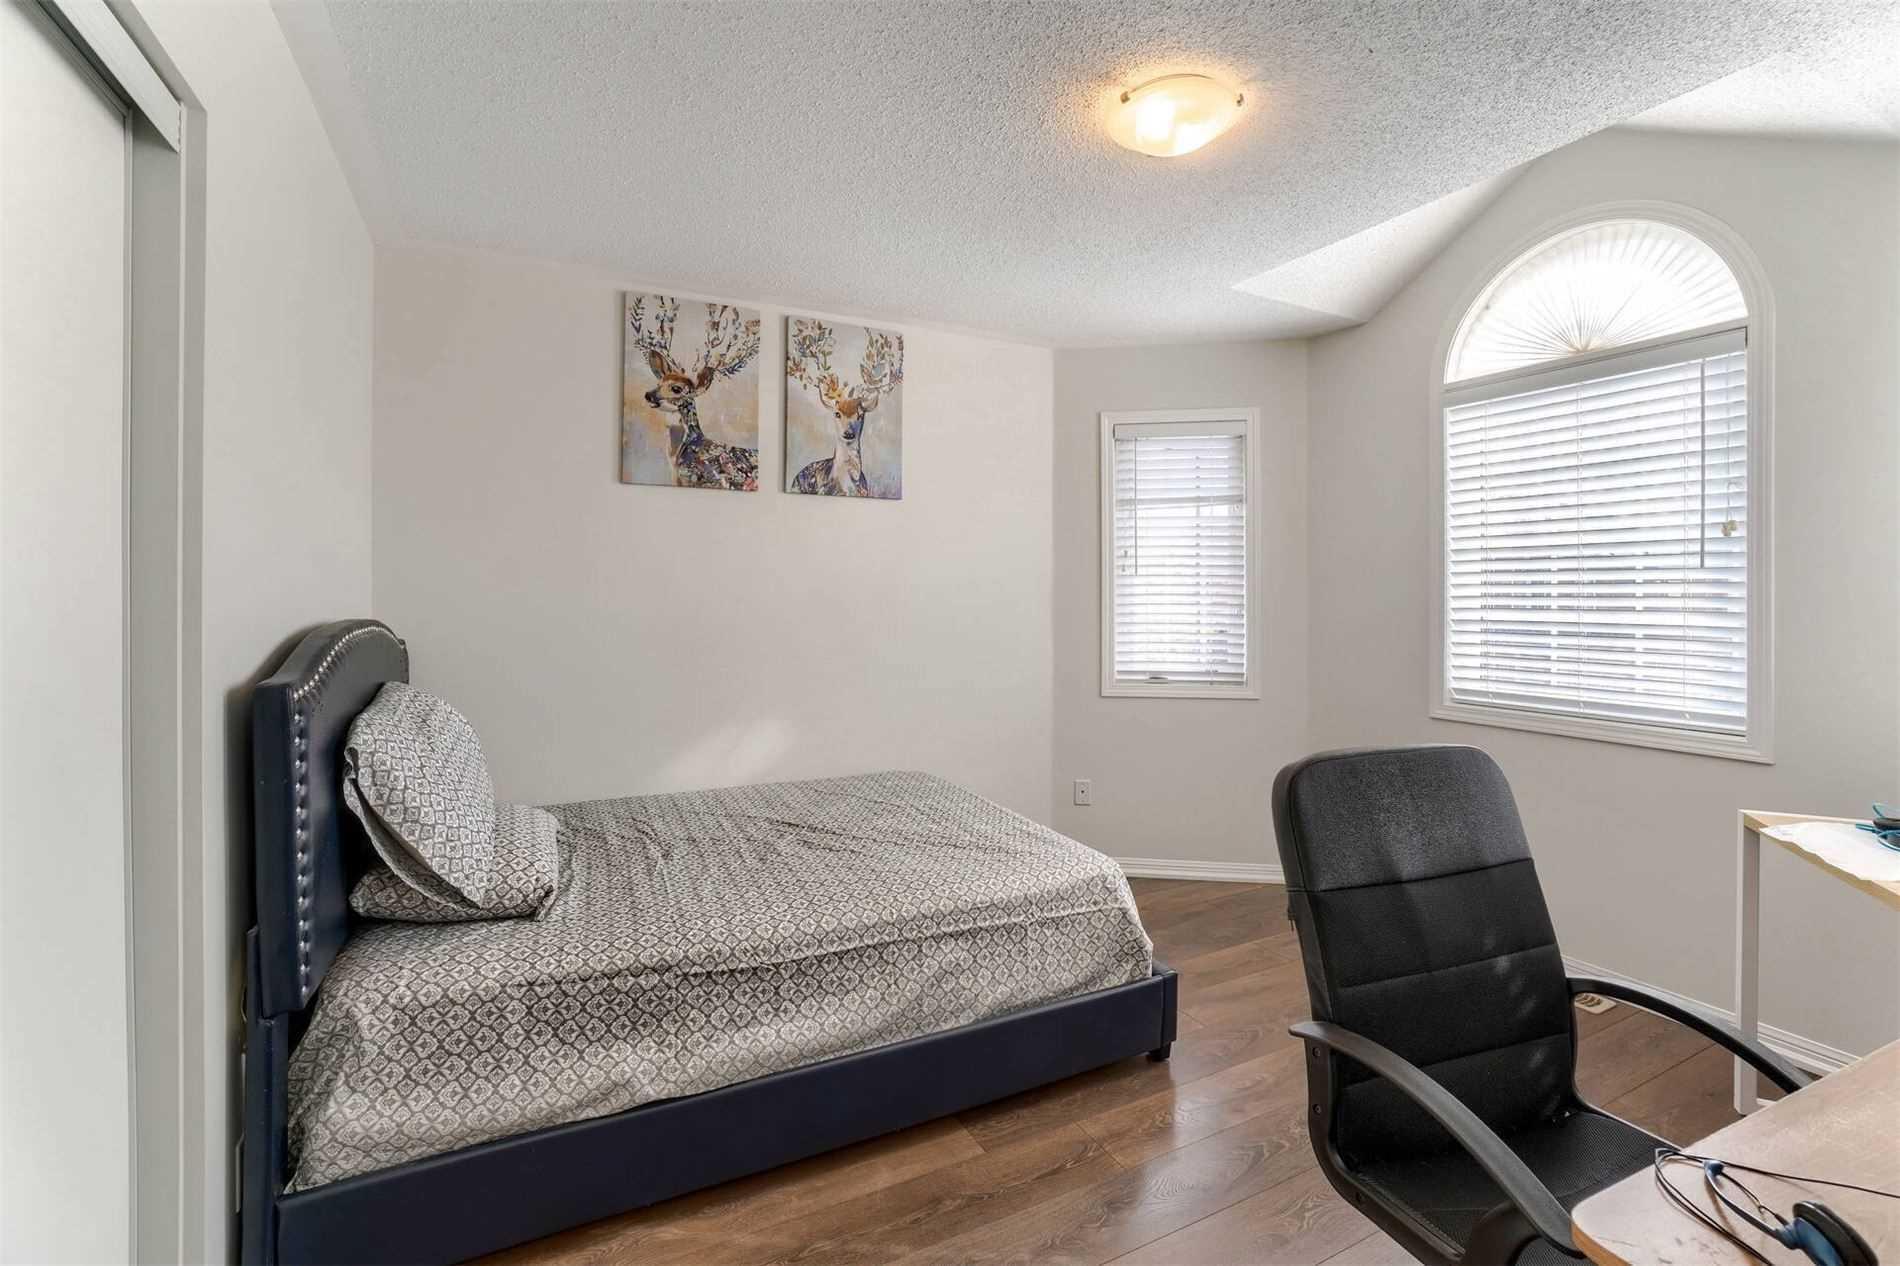 909 Hepburn Rd - Coates Detached for sale, 4 Bedrooms (W5398610) - #26